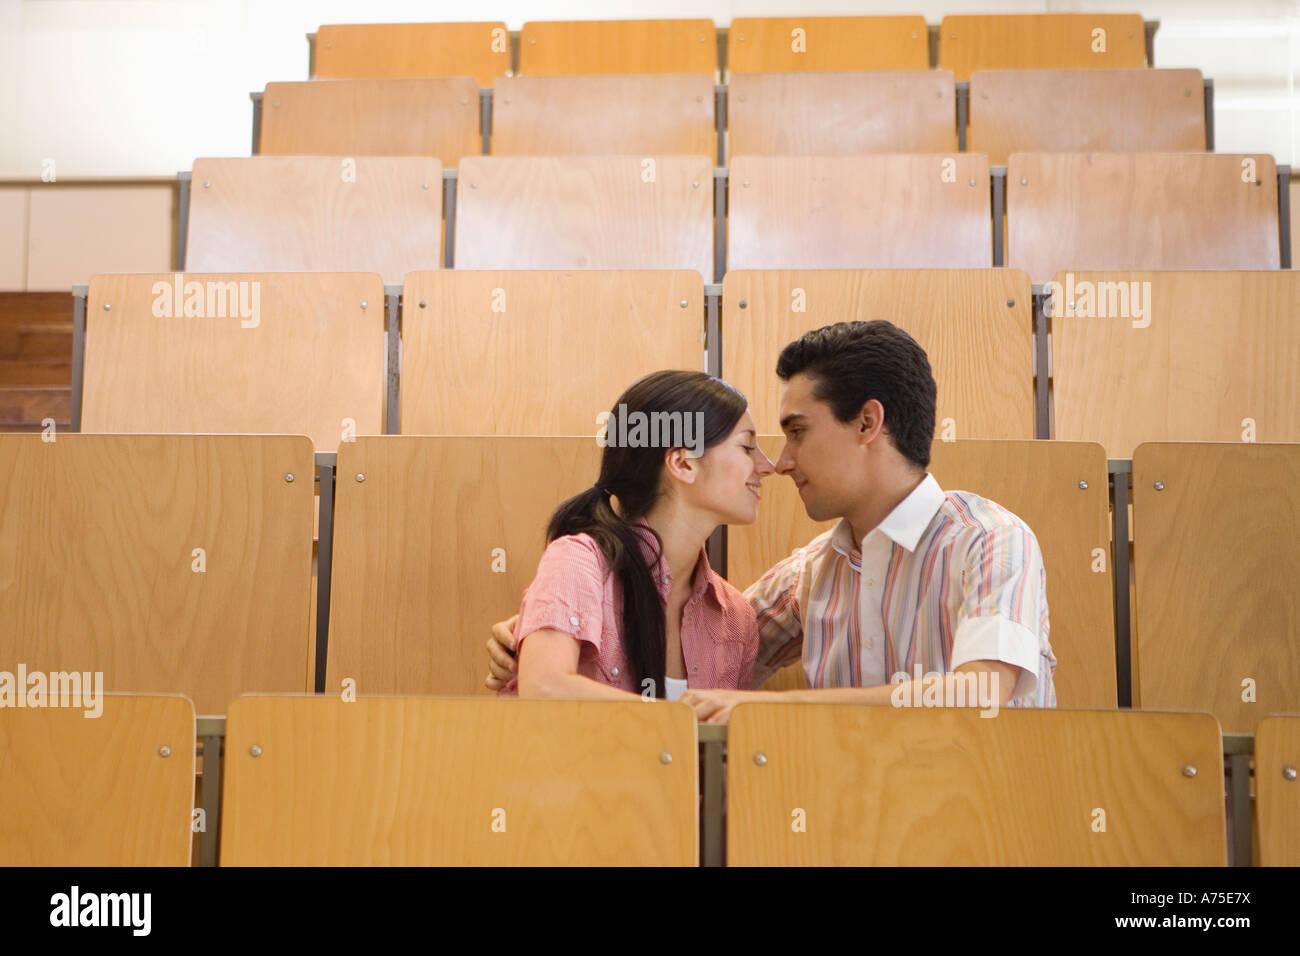 Os alunos a beijar na sala de aula vazia Imagens de Stock